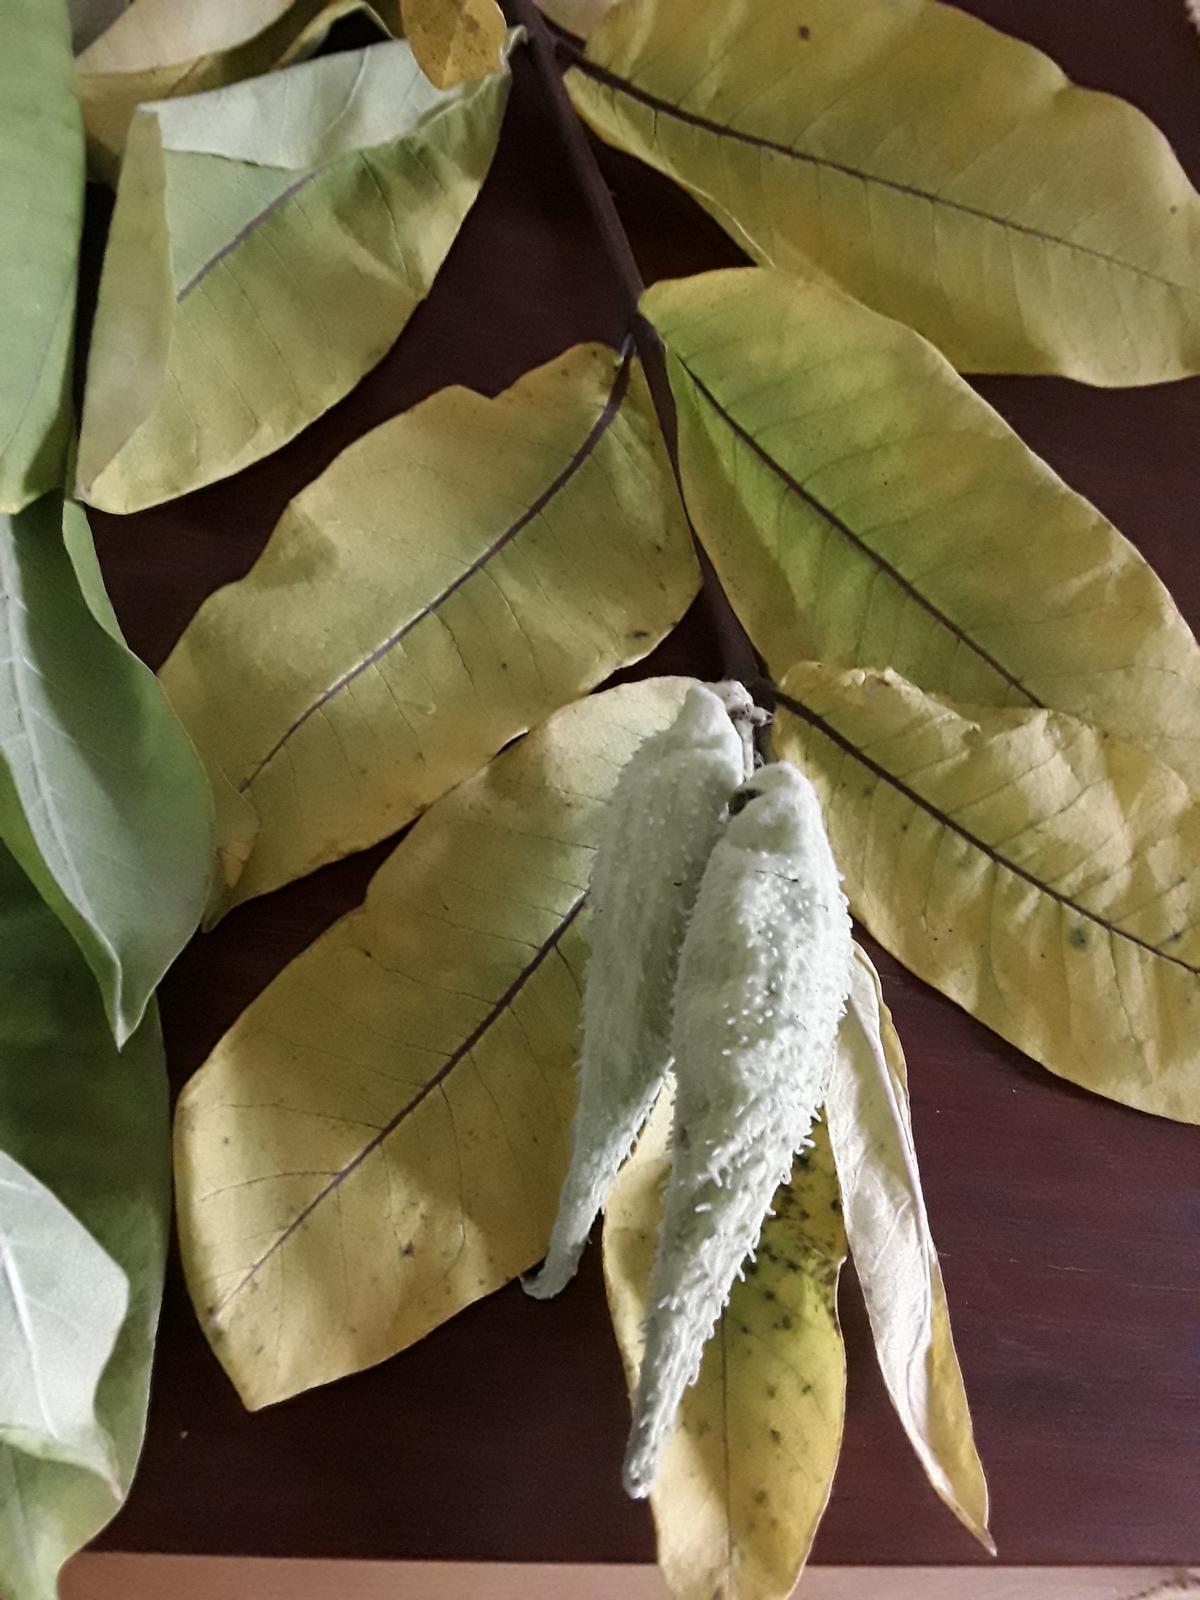 Jihočeská venkovská zahrada. - Koncem léta jsem objevila v příkopě tuto rostlinu,asi ji tam zanesli ptáci.